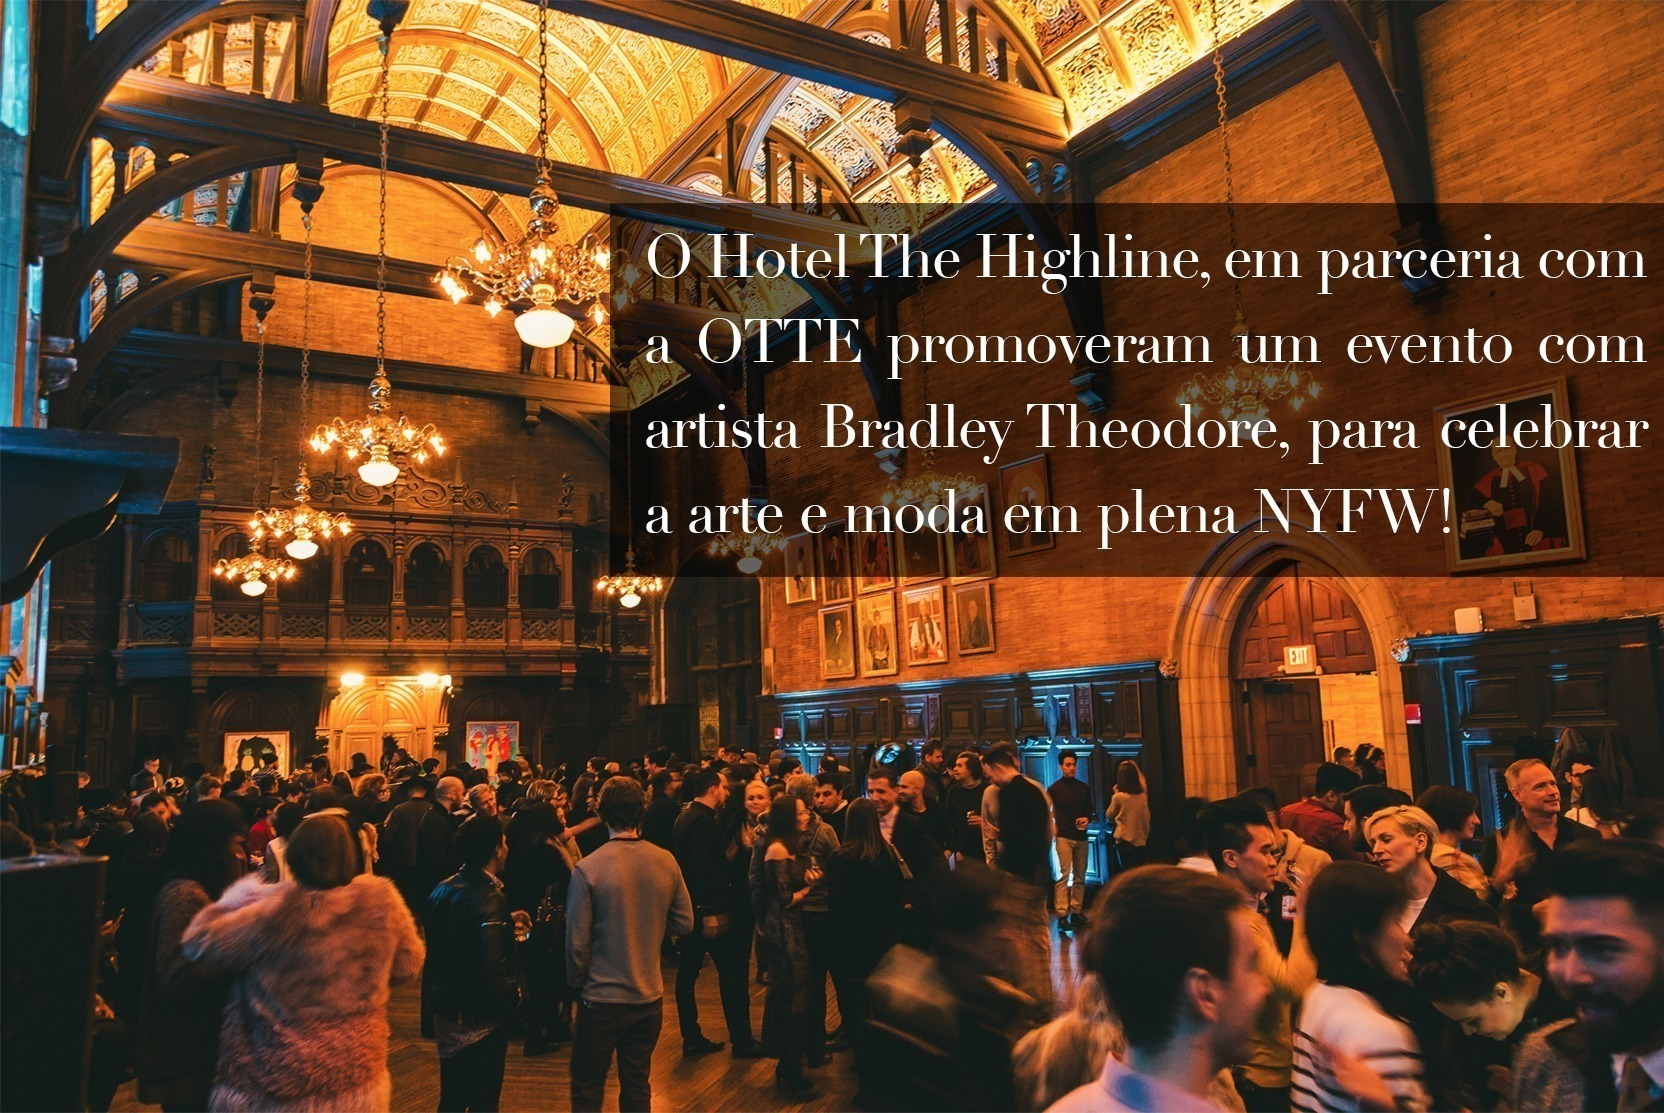 Bradley-Theodore-Otte-NY-The-Highline-Hotel-2